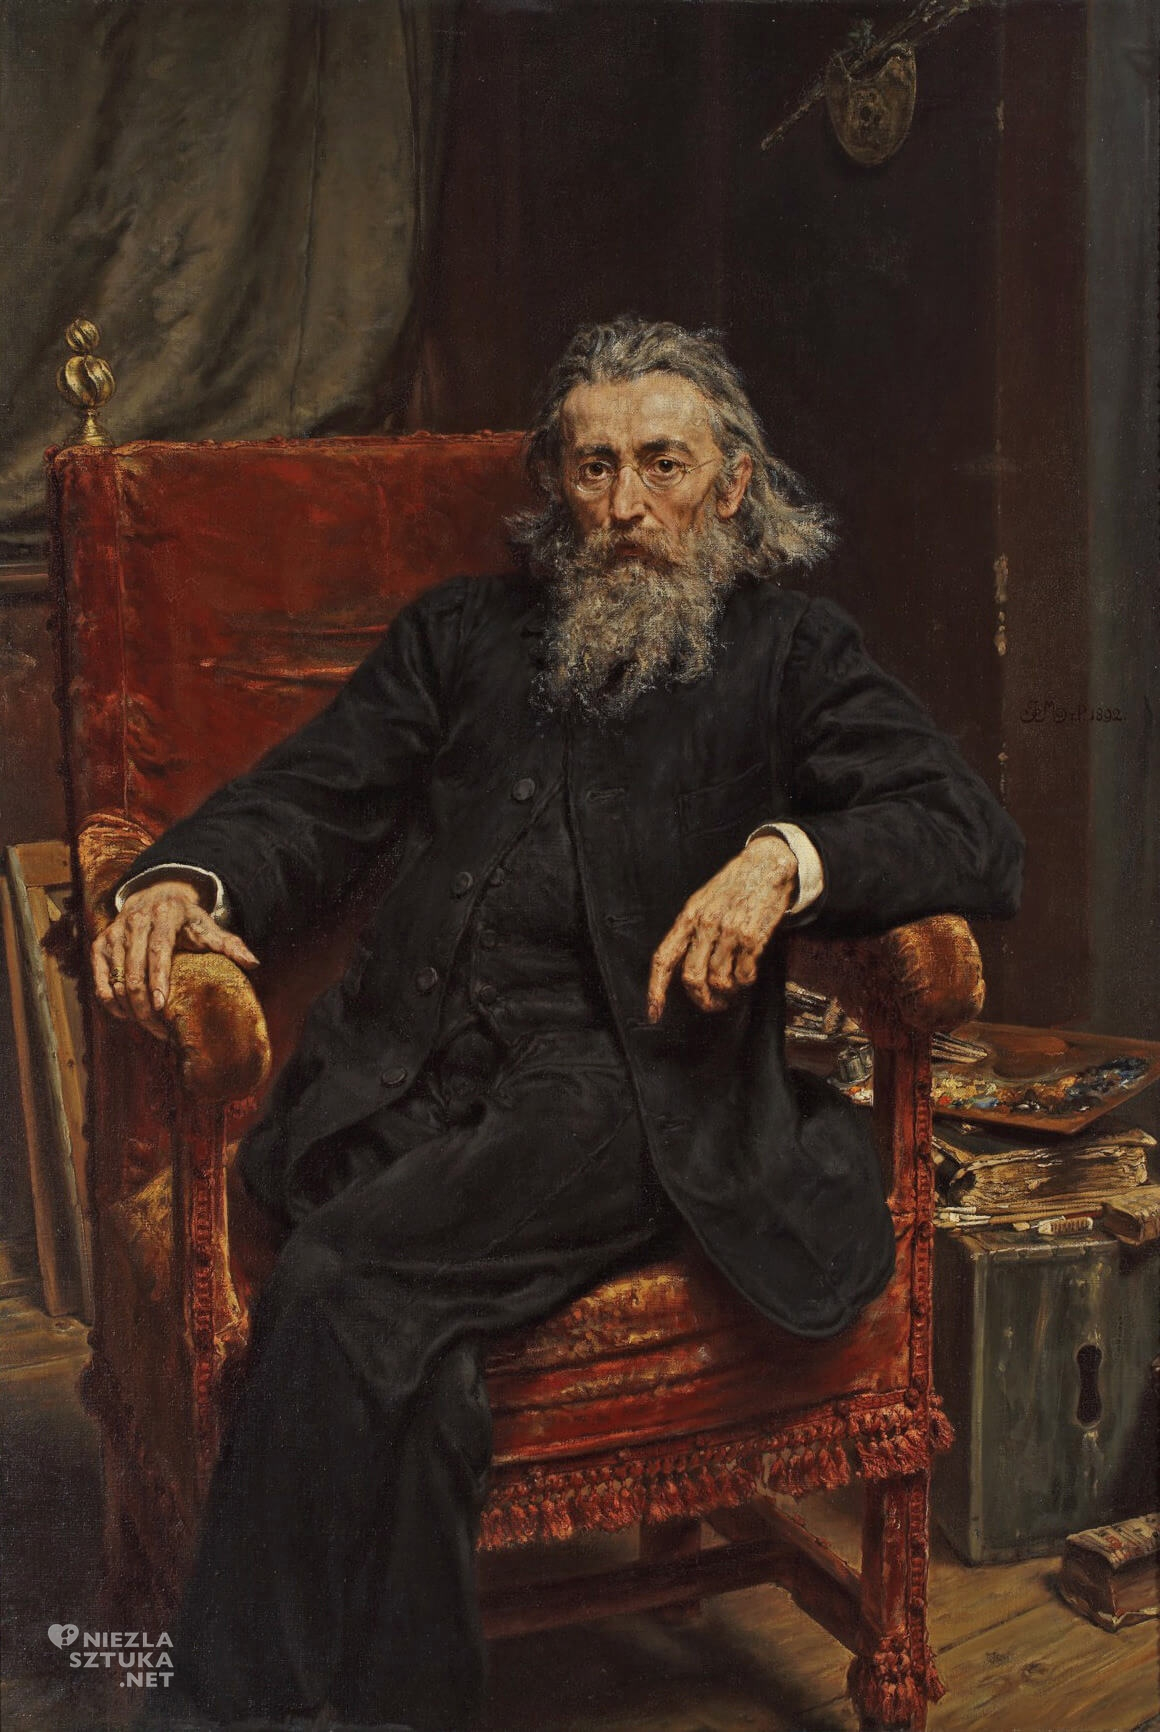 Jan Matejko, Autoportret, malarz polski, sztuka polska, malarstwo polskie, Niezła sztuka